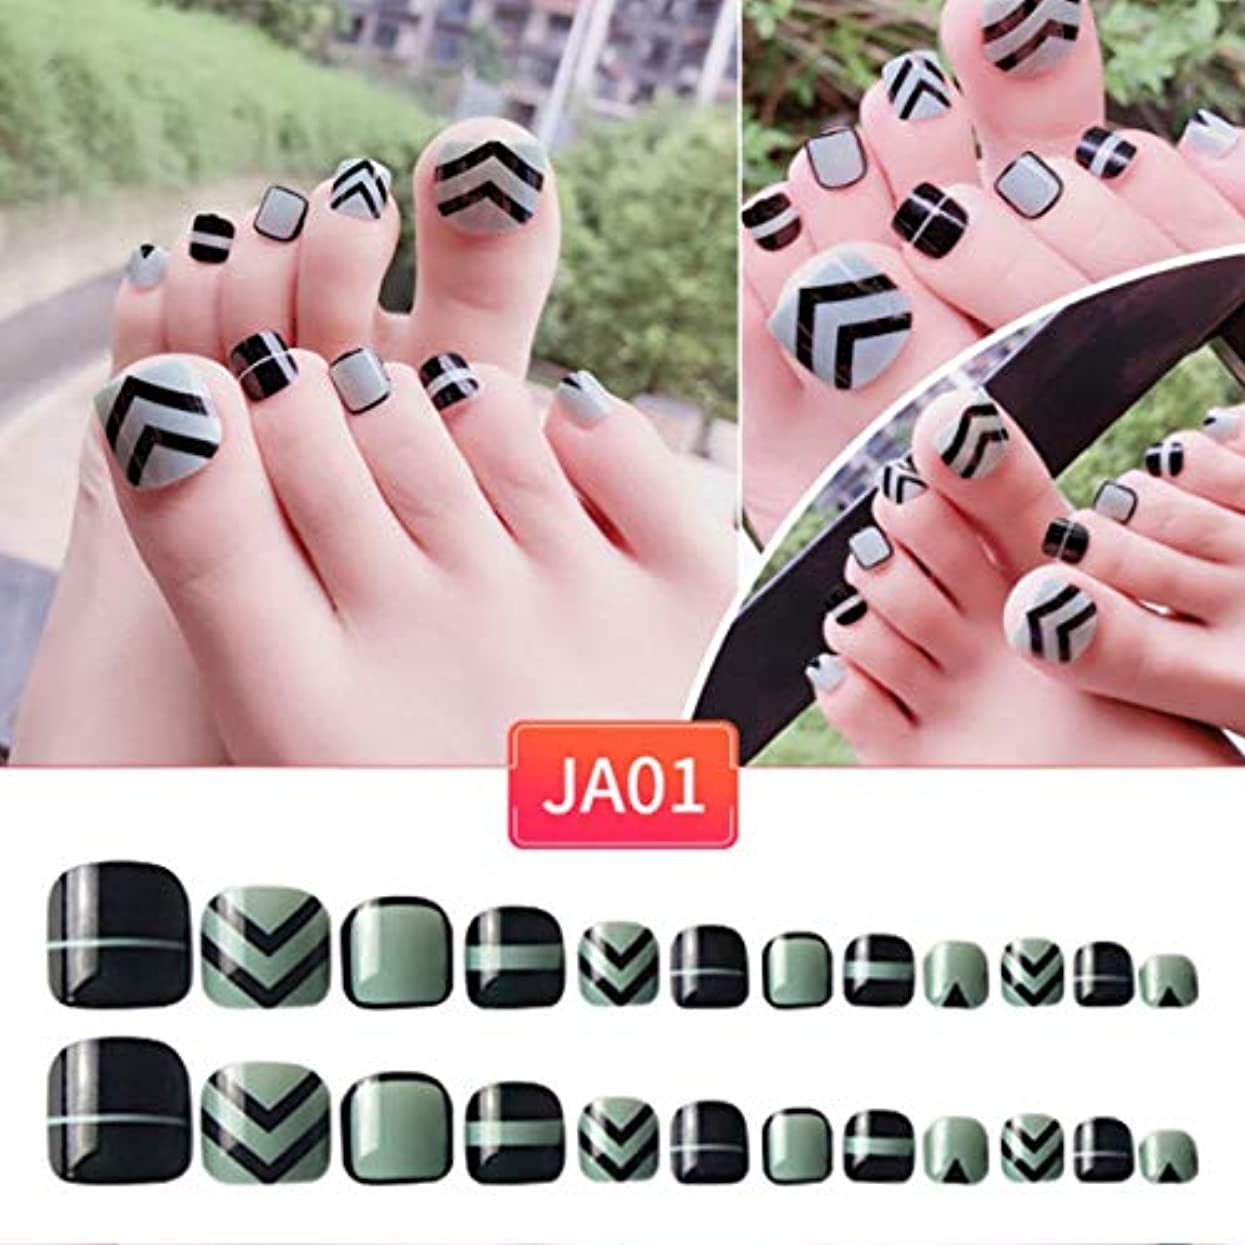 解明するいつでもタイル足ネイルステッカーアクリル偽足ネイル偽のネイルアートの指の爪フルヒットソリッドネイルパッチのステッカー(1)